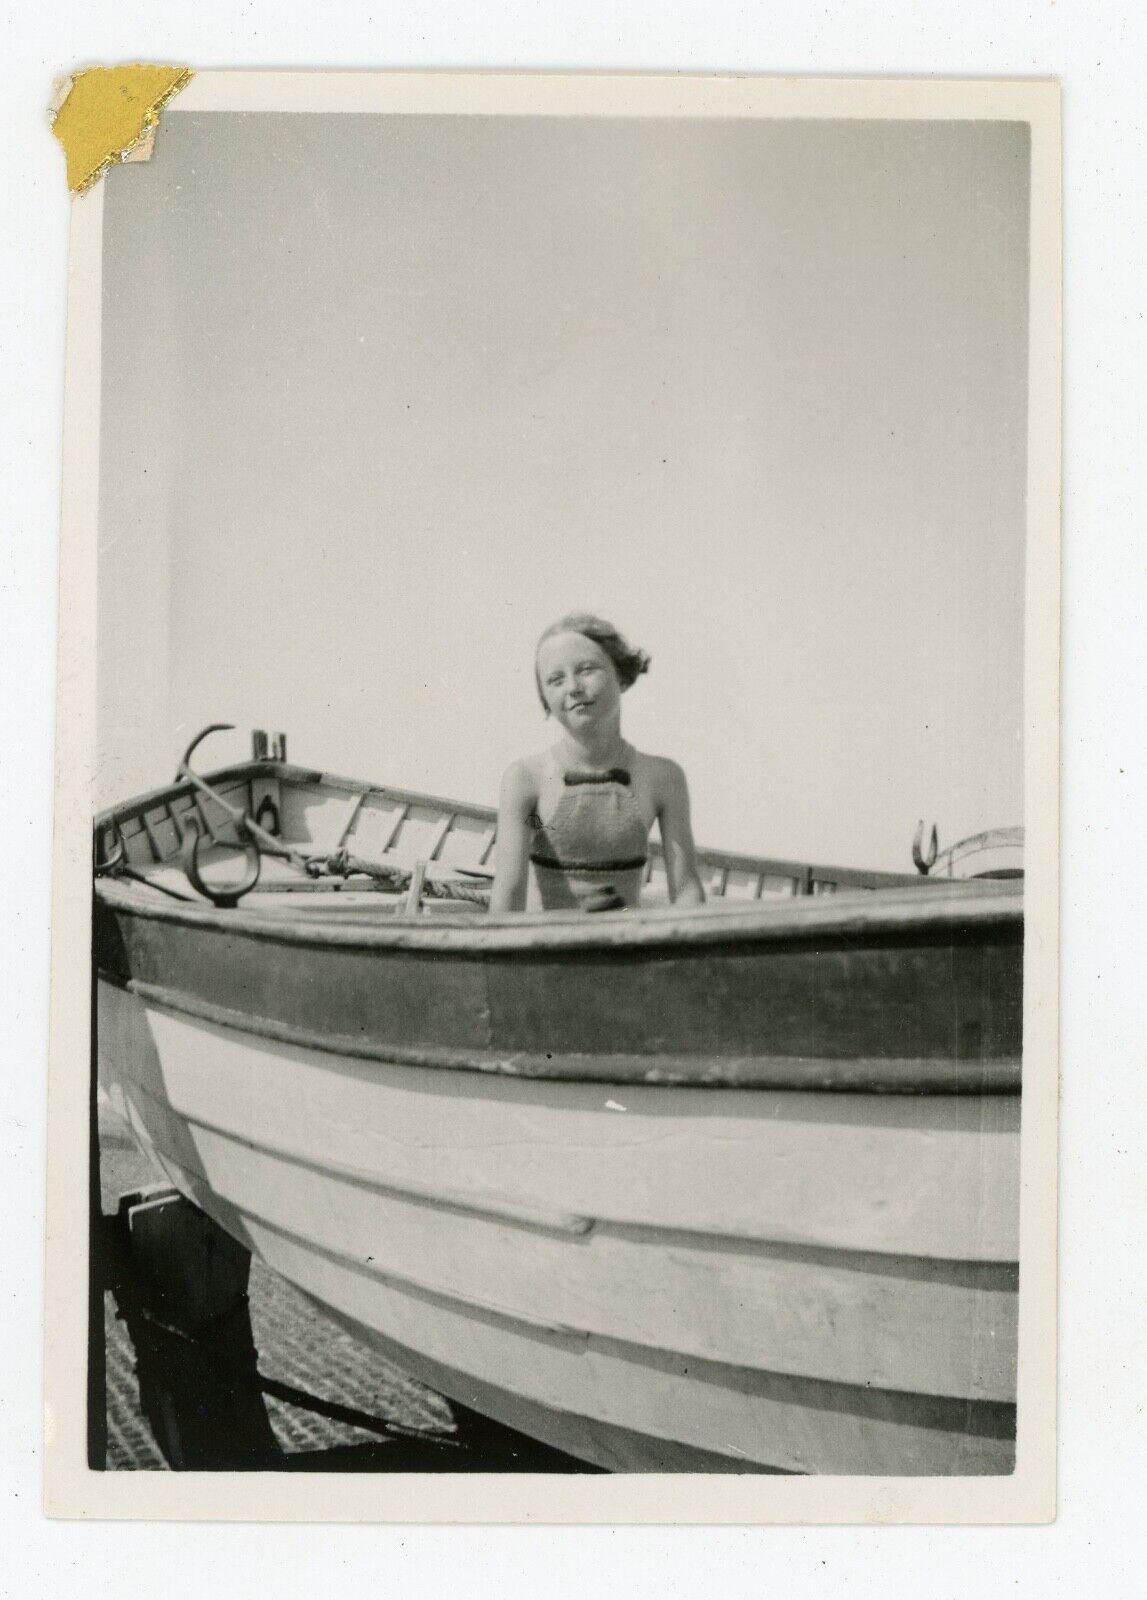 Photo snapshot vers 1930, une jeune fille dans une barque mode élégance